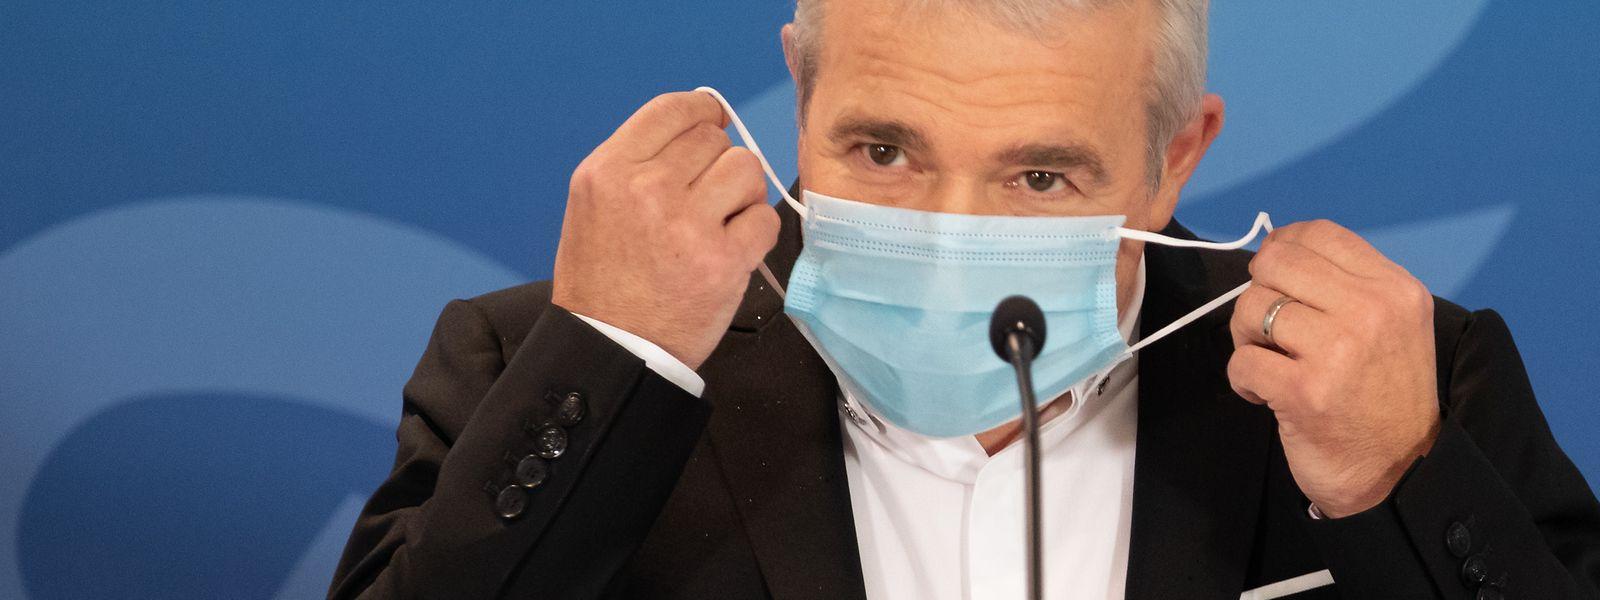 Dans un sourire, le ministre des Sports l'a confirmé : «Le masque n'est pas obligatoire sous la douche». Ouf!